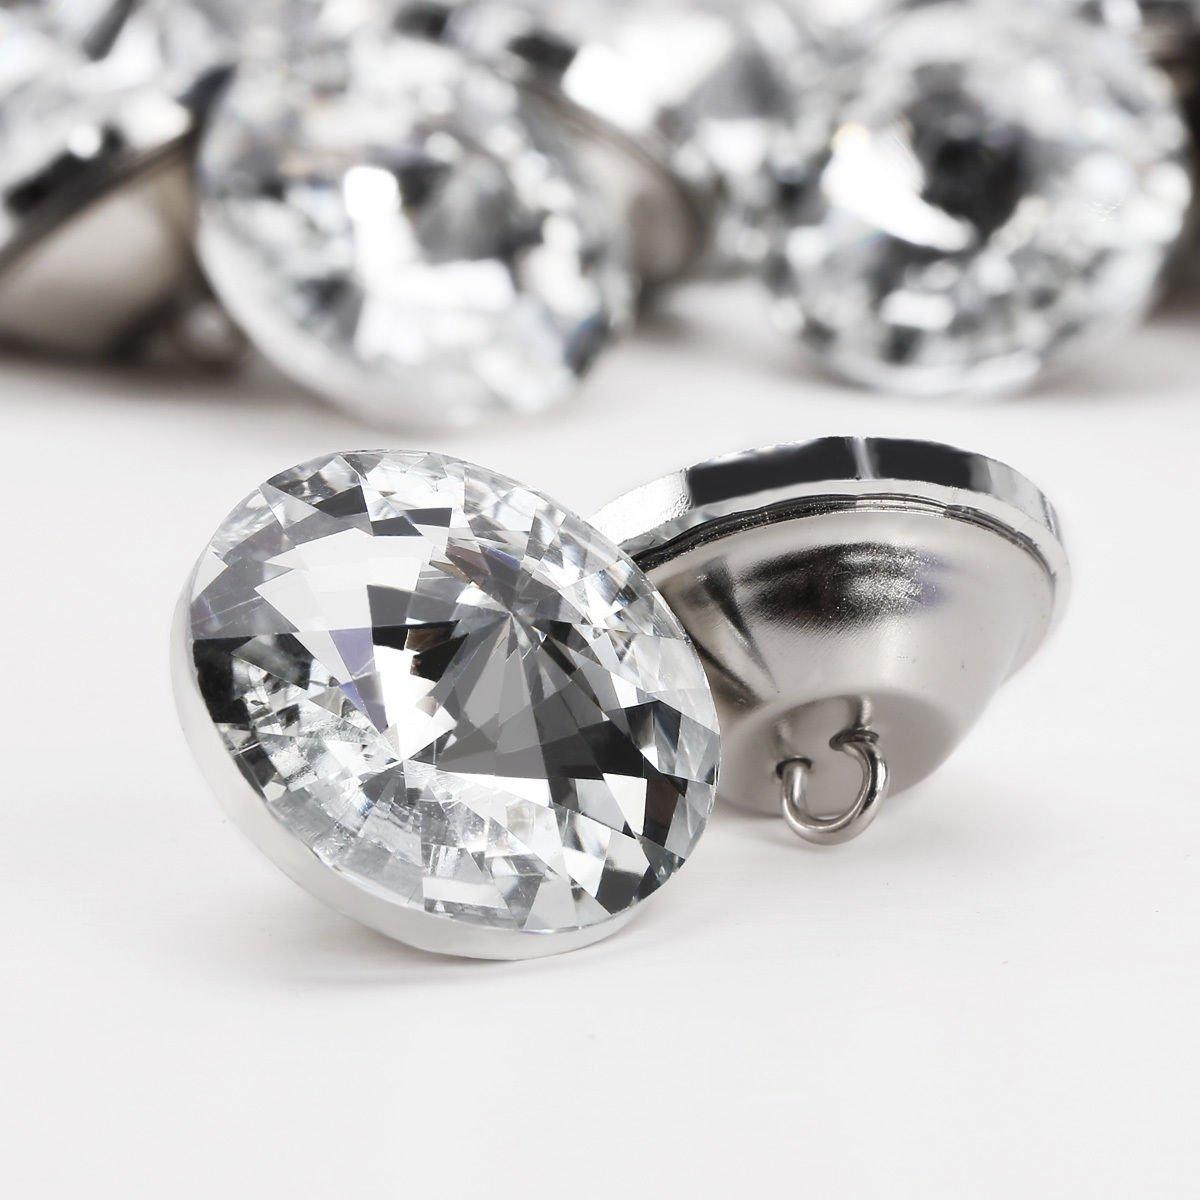 100x 20mm cristal Diament cristal diamante Effect silla de sofá de cabecera tapicería decoración costura botones